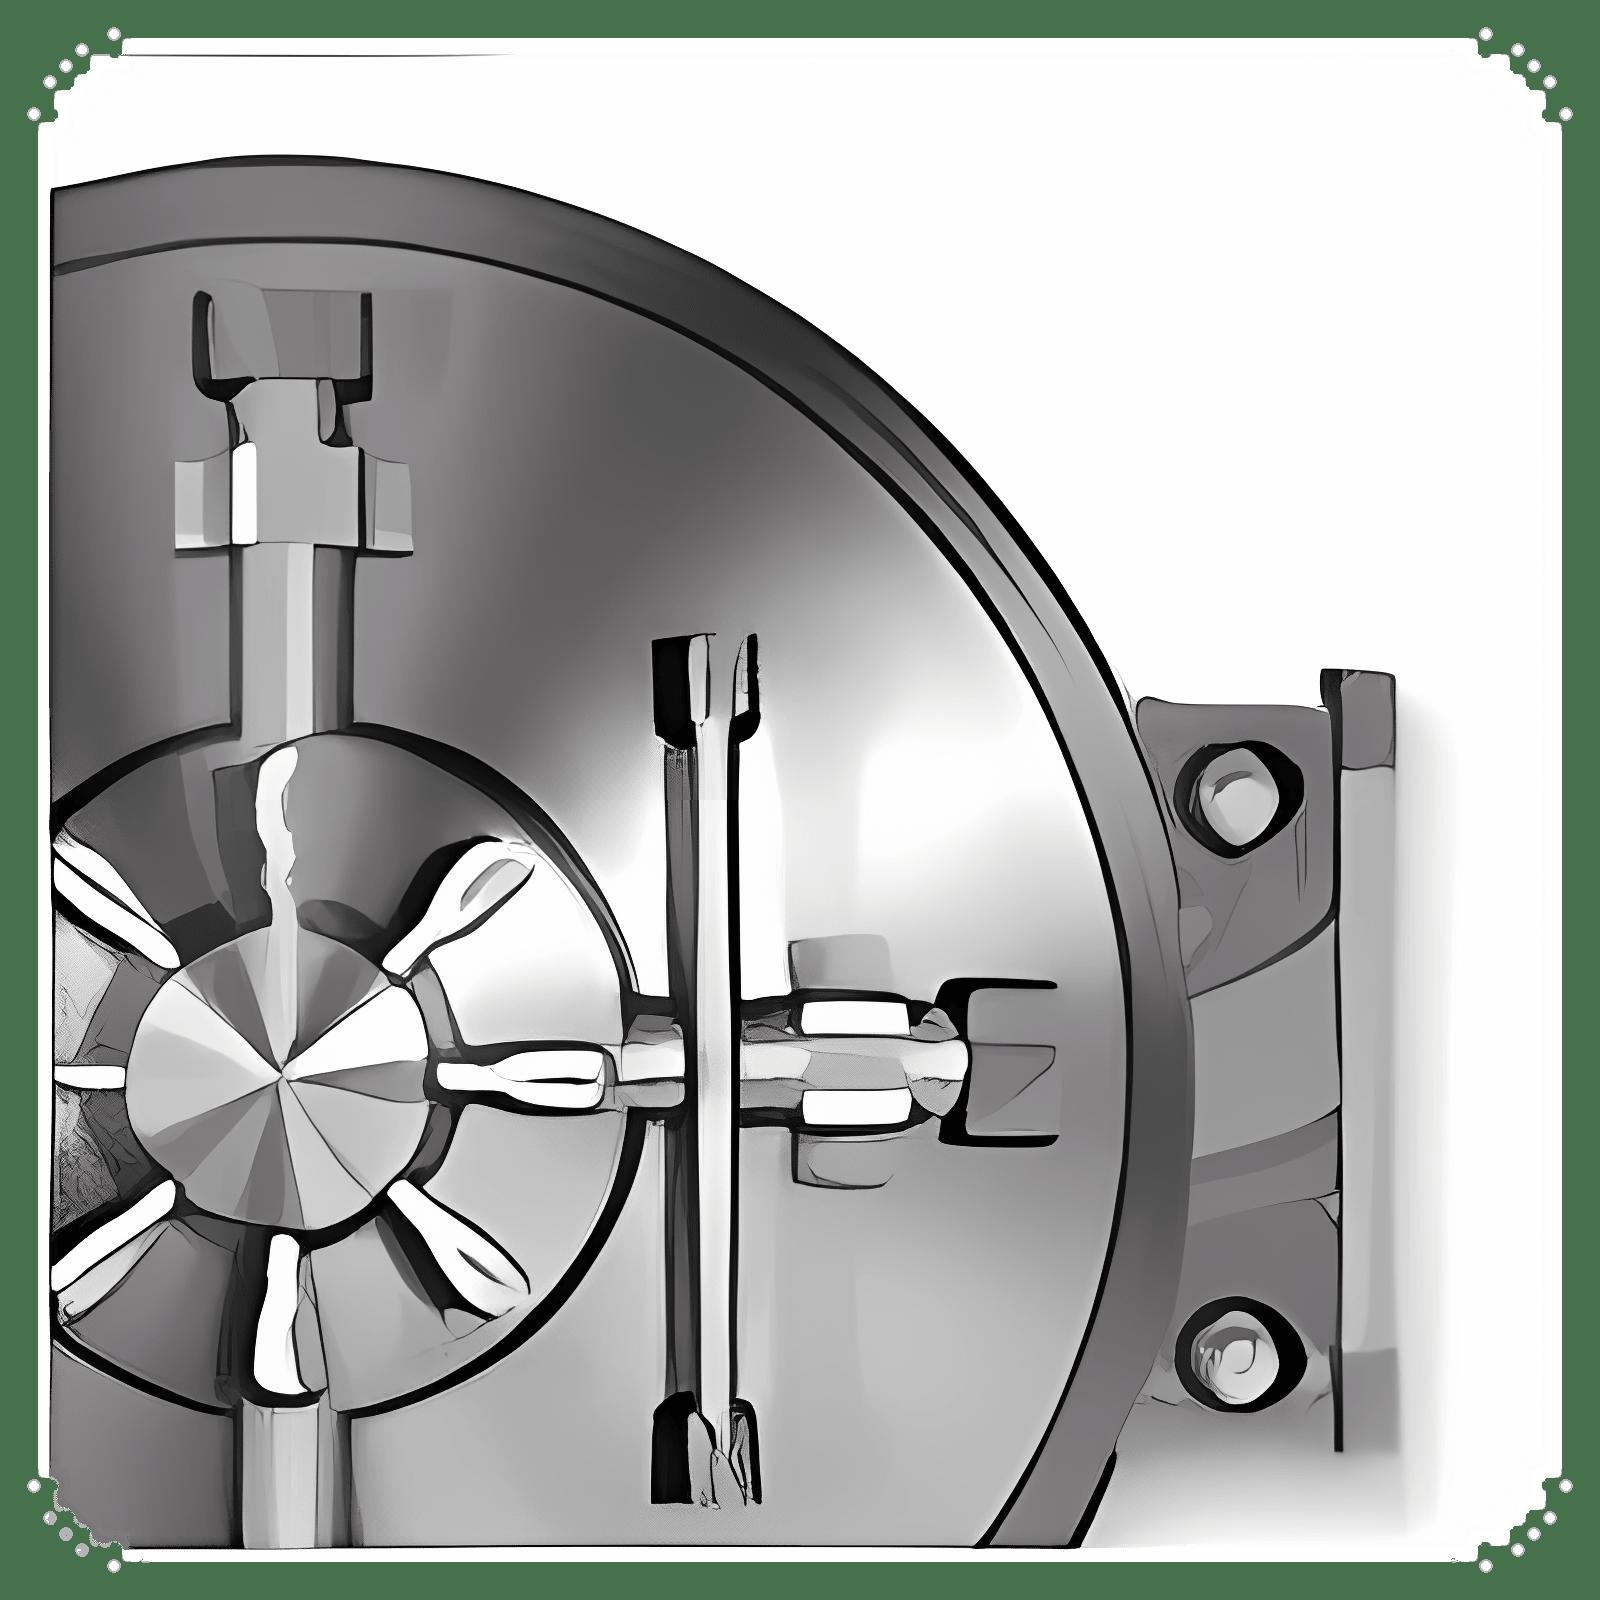 USB Vault